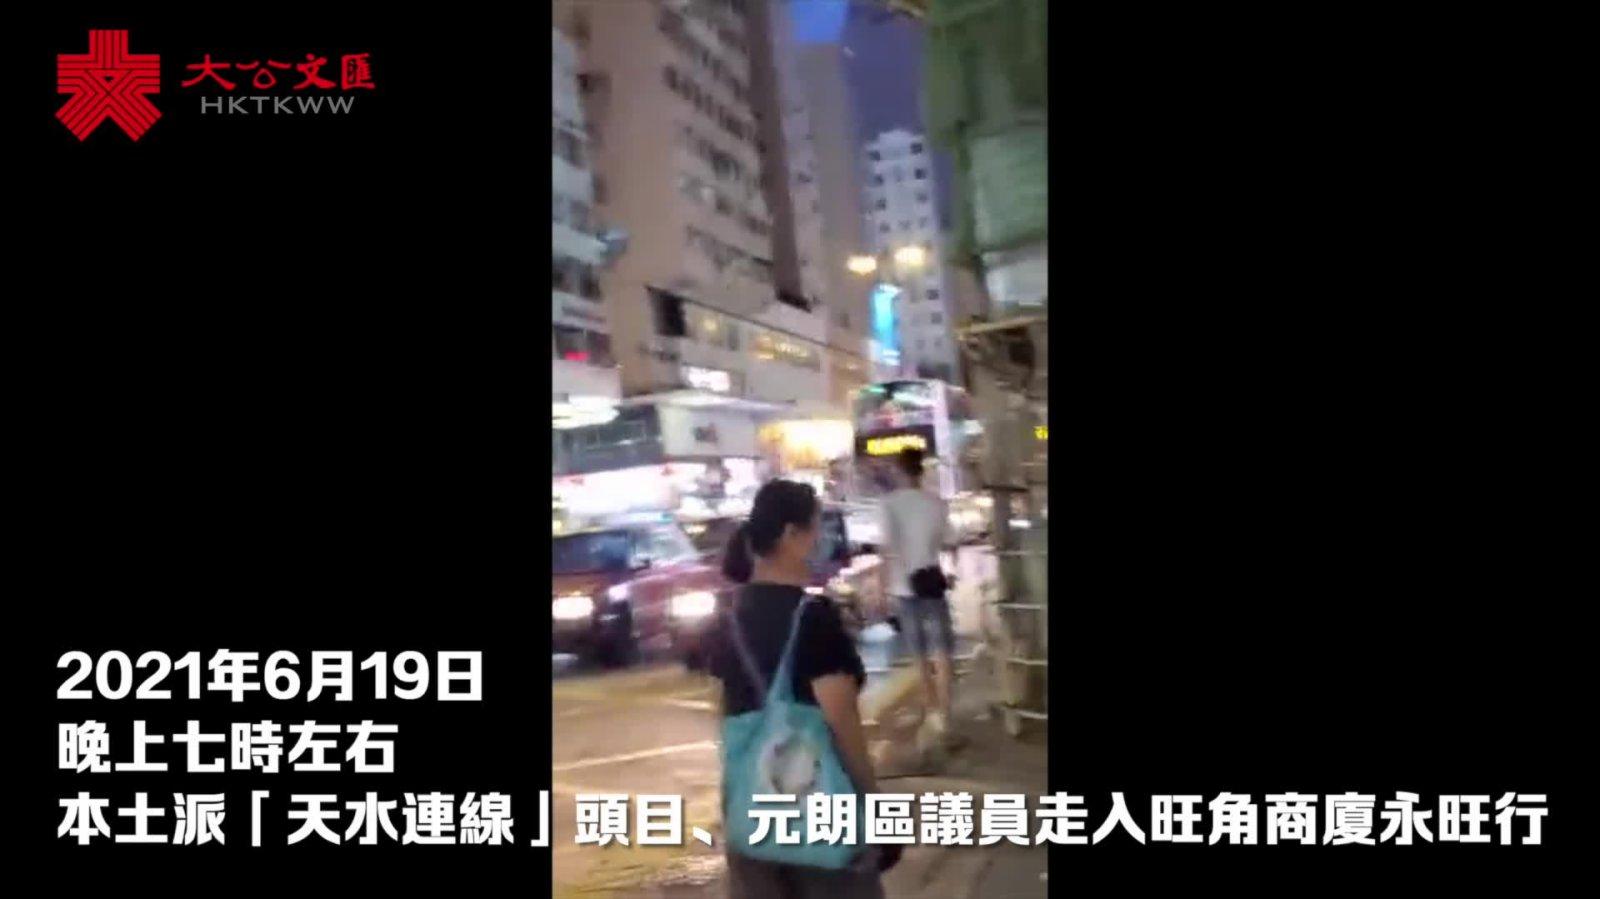 香港文匯報獨家直擊| 攬炒派近期密謀頻頻 「七一」要搞事?